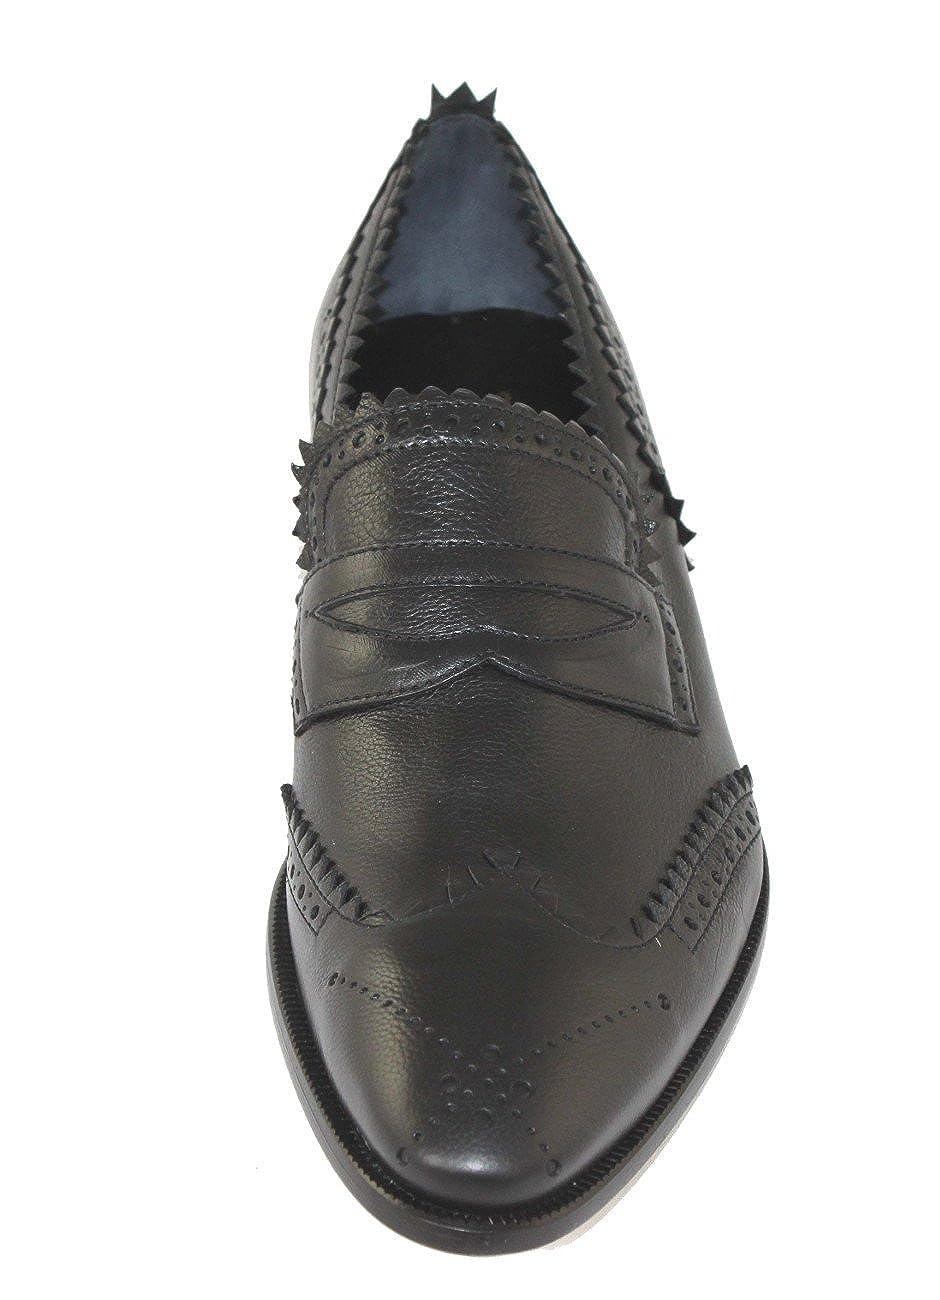 John Galliano Herrenschuhe Schuhe Slipper Schwarz Schuhe 8658 Schwarz Slipper b81dc8